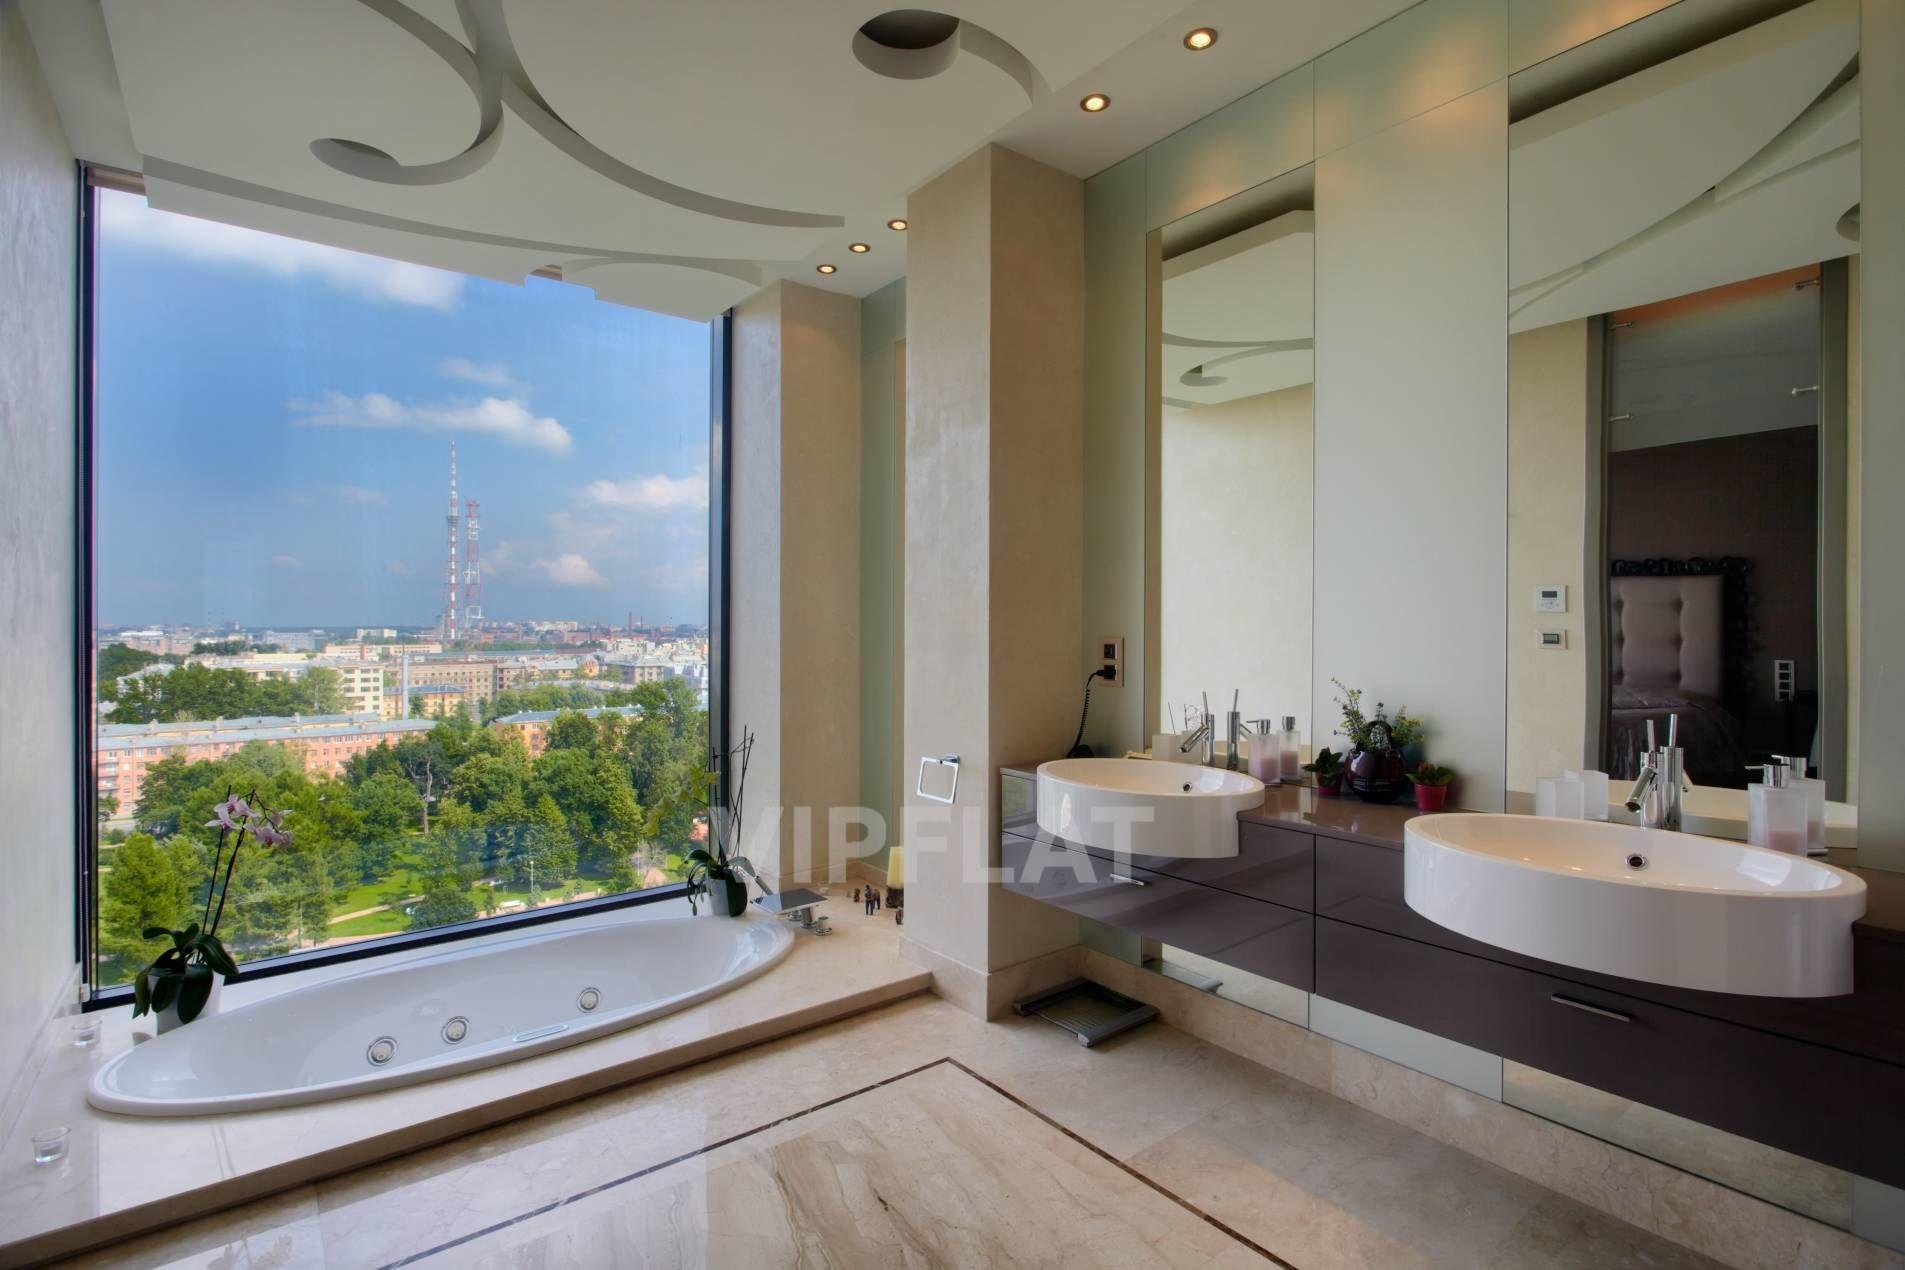 Продажа элитных квартир Санкт-Петербурга. Песочная наб., 12 Ванная с панорамным окном